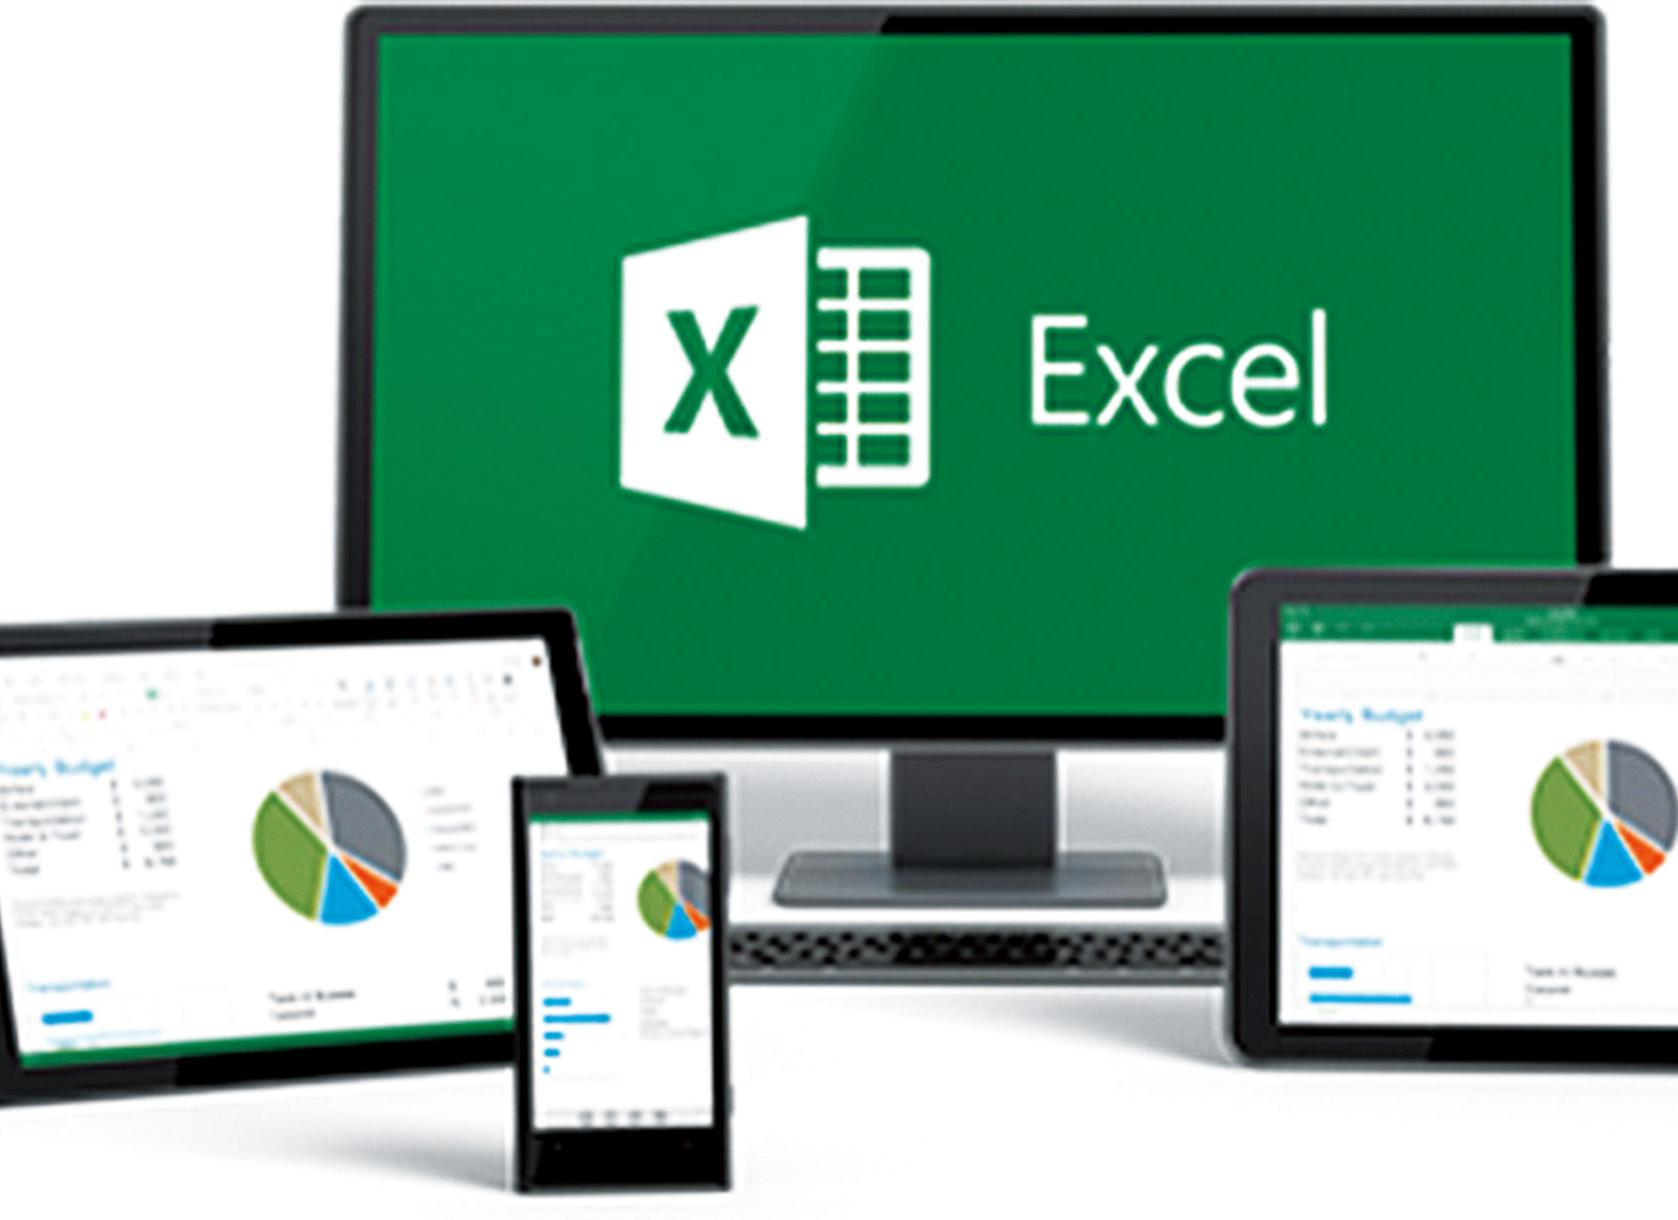 不識Excel PowerPoint落後大市